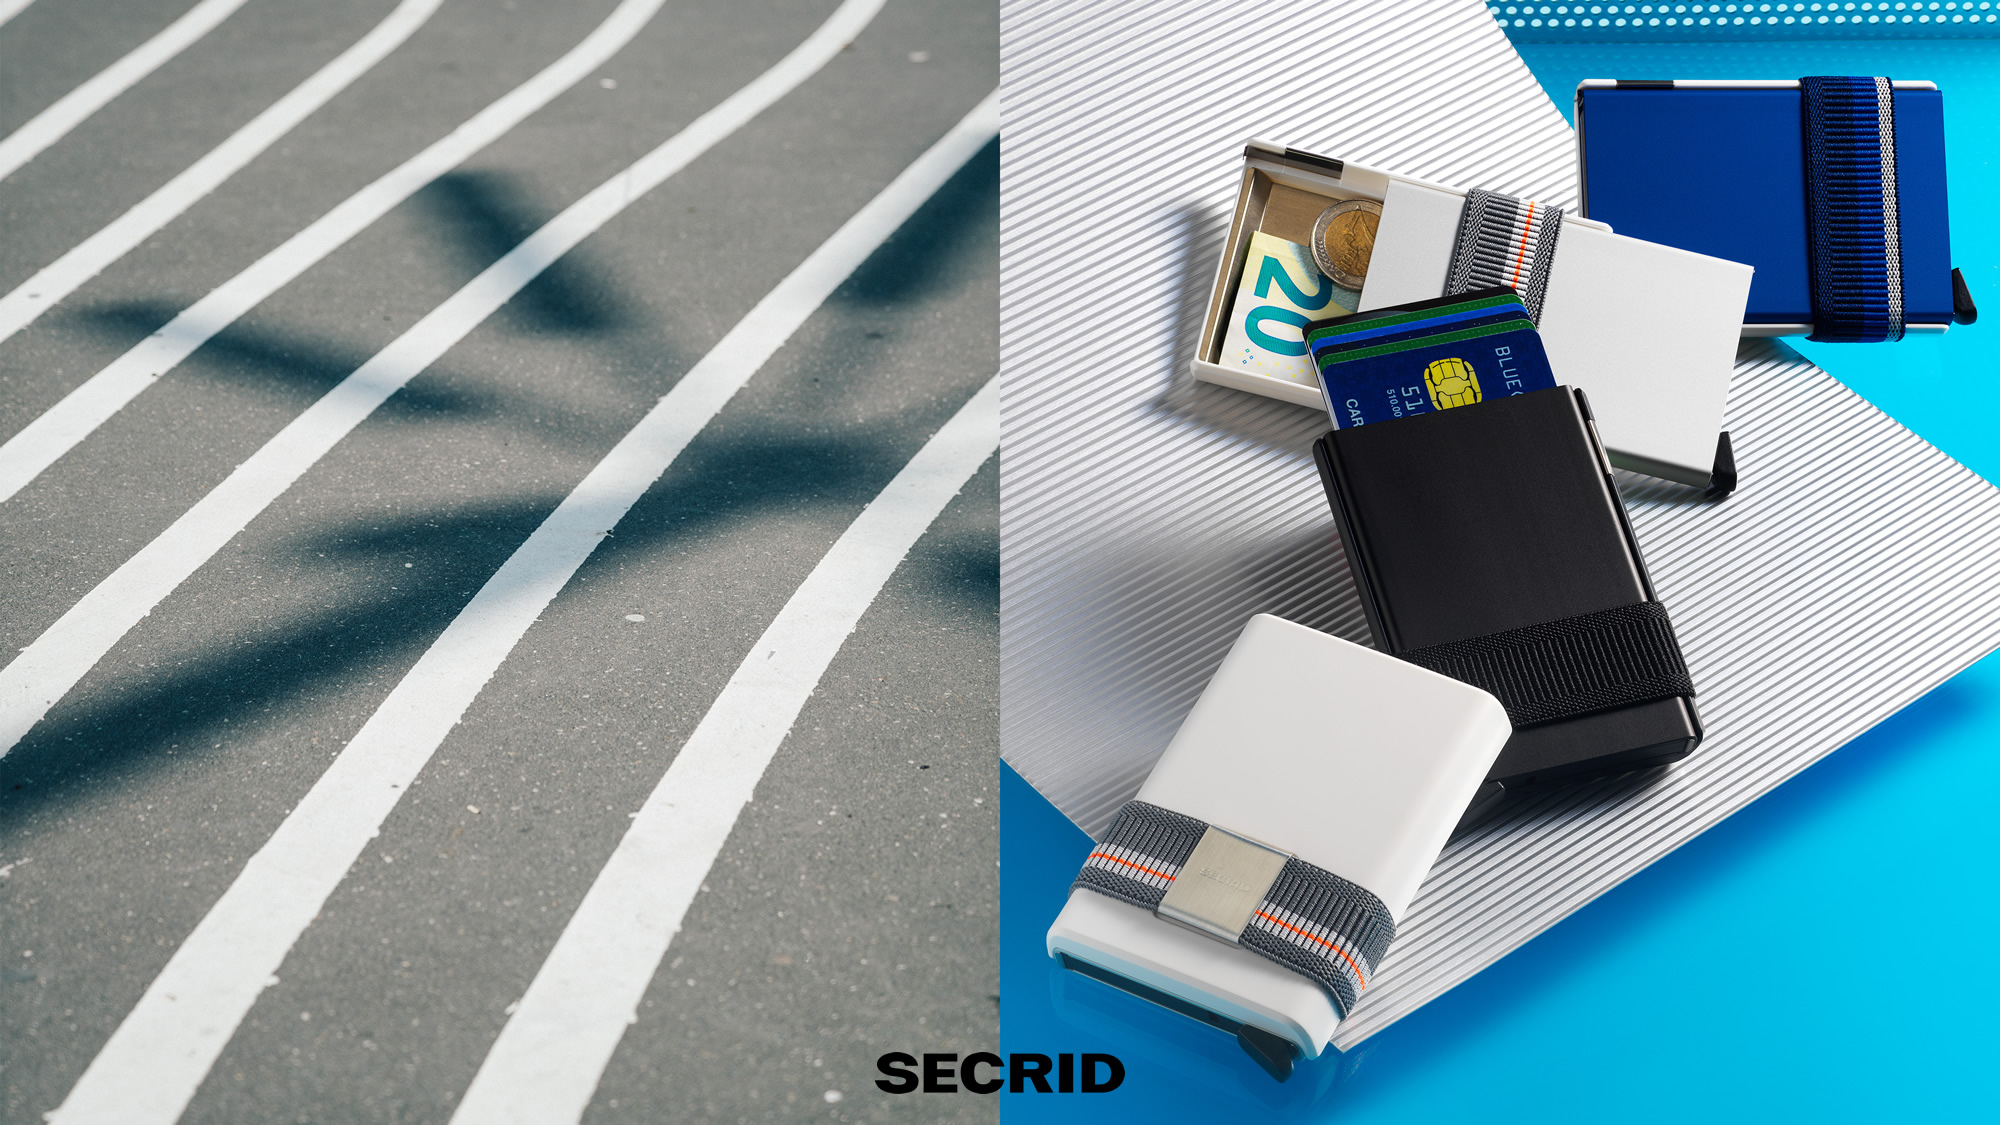 Secrid Cardslide - TravelSmarts